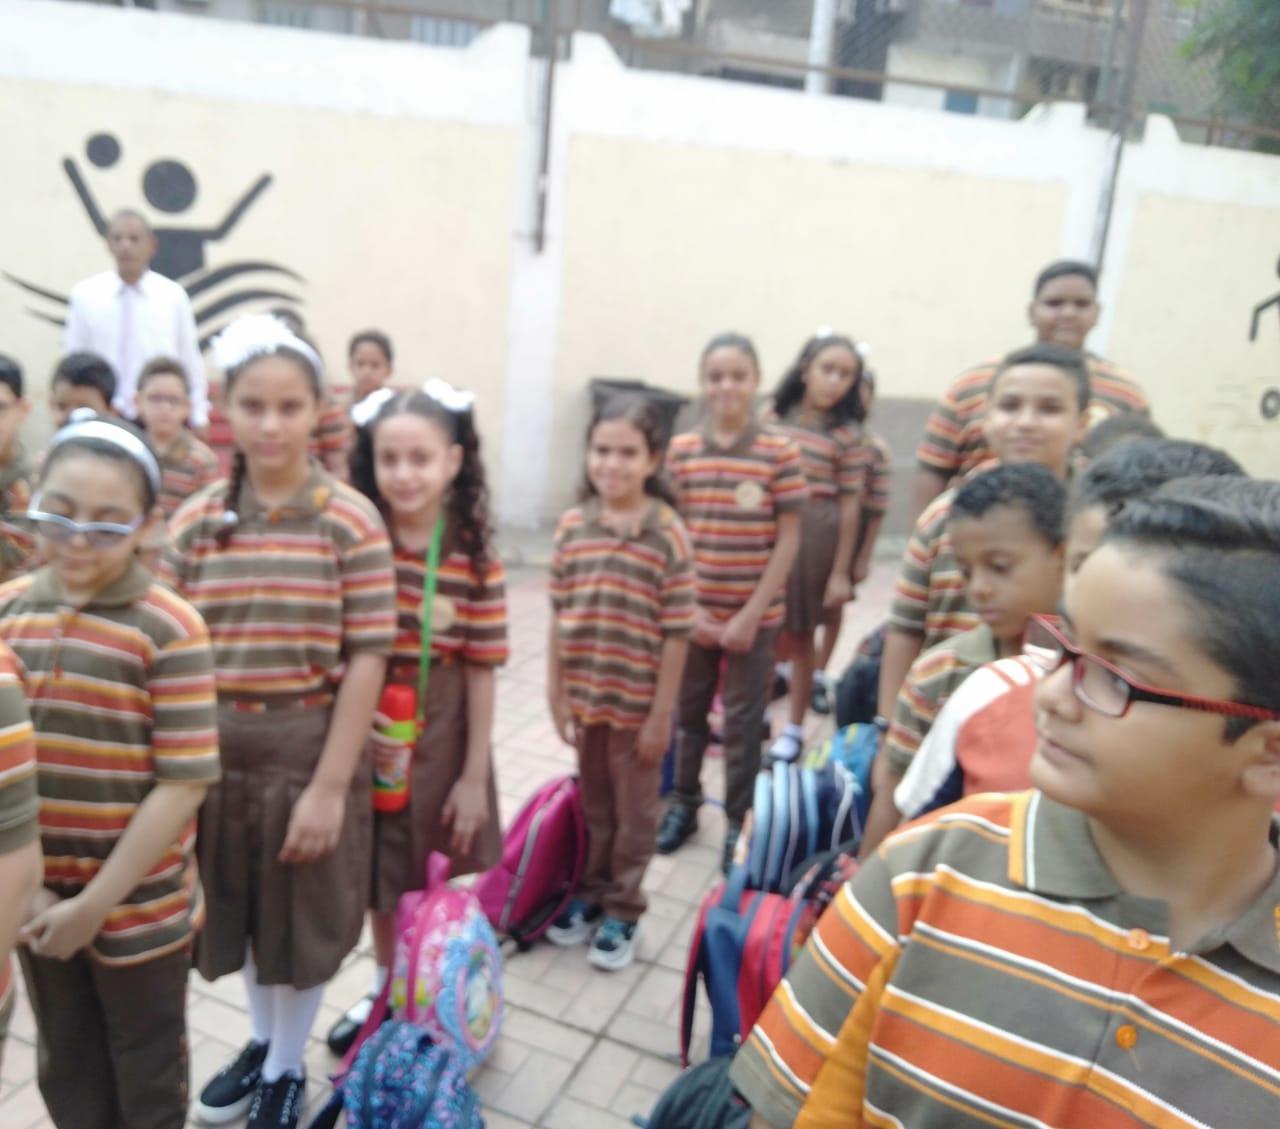 طلاب مدرسة المستقبل 4 الرسمية بالوايلى يحيون العلم